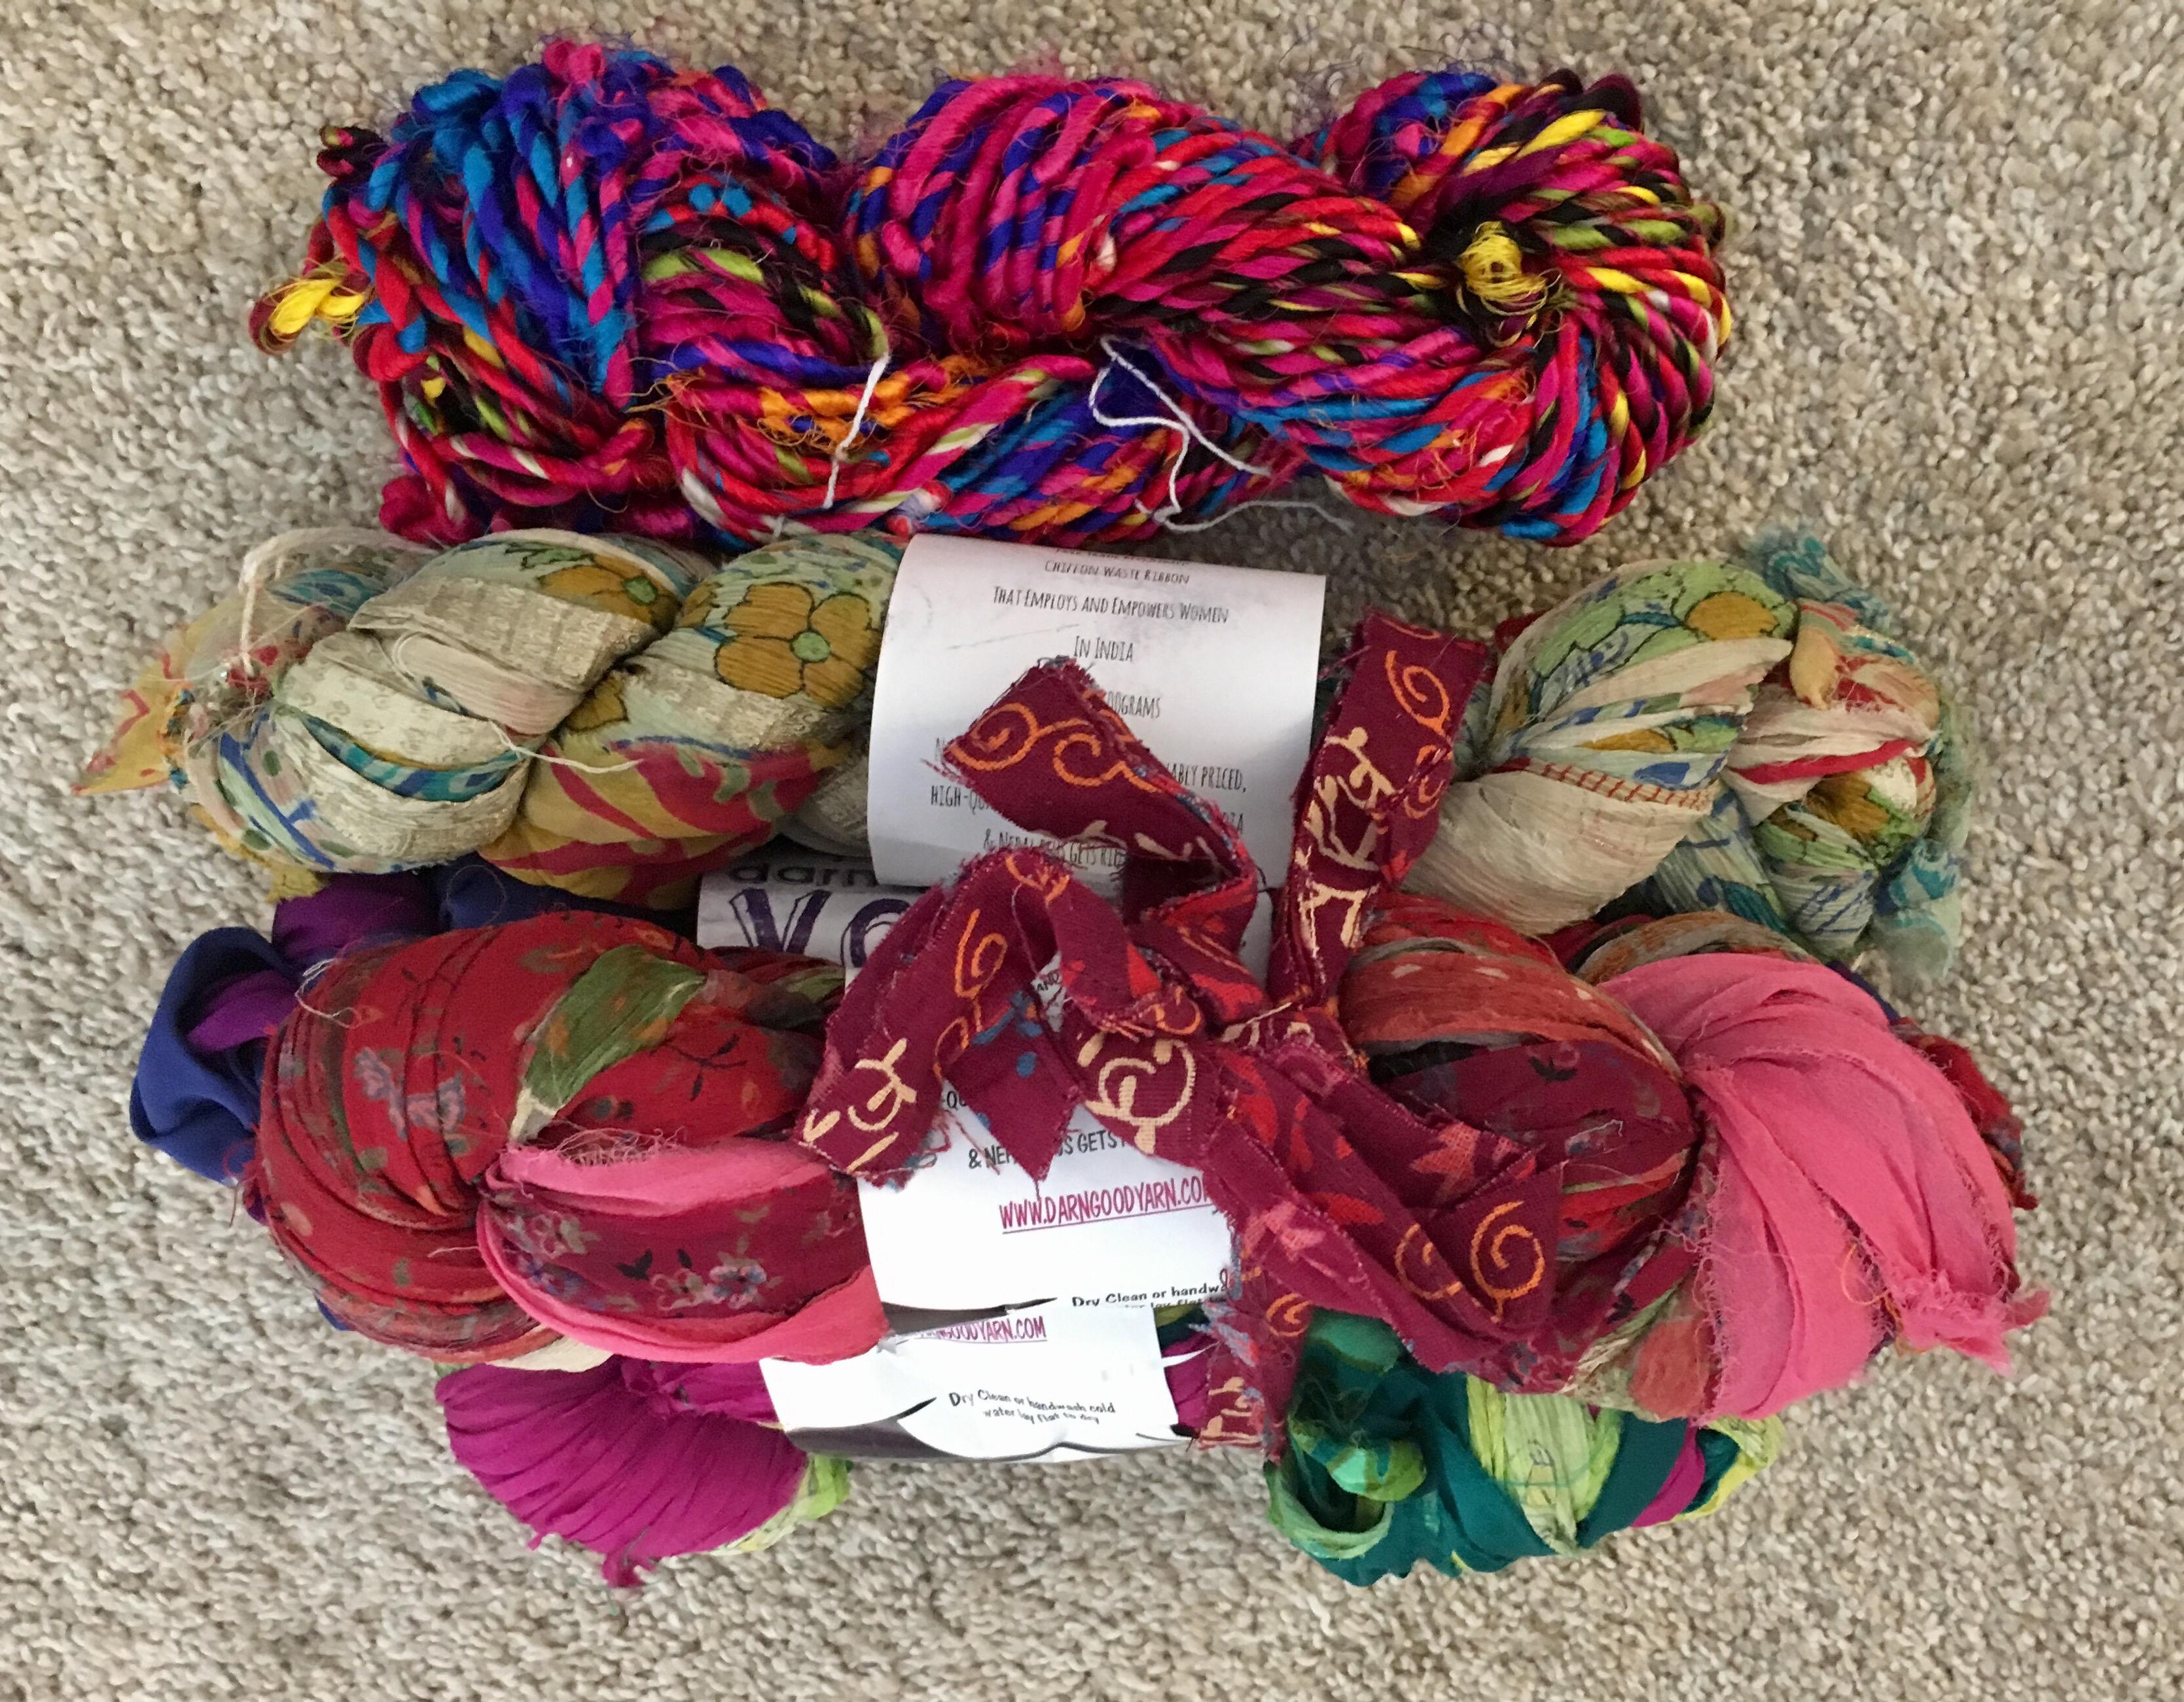 Chiffon sari silk ribbon yarn an market tote kit review